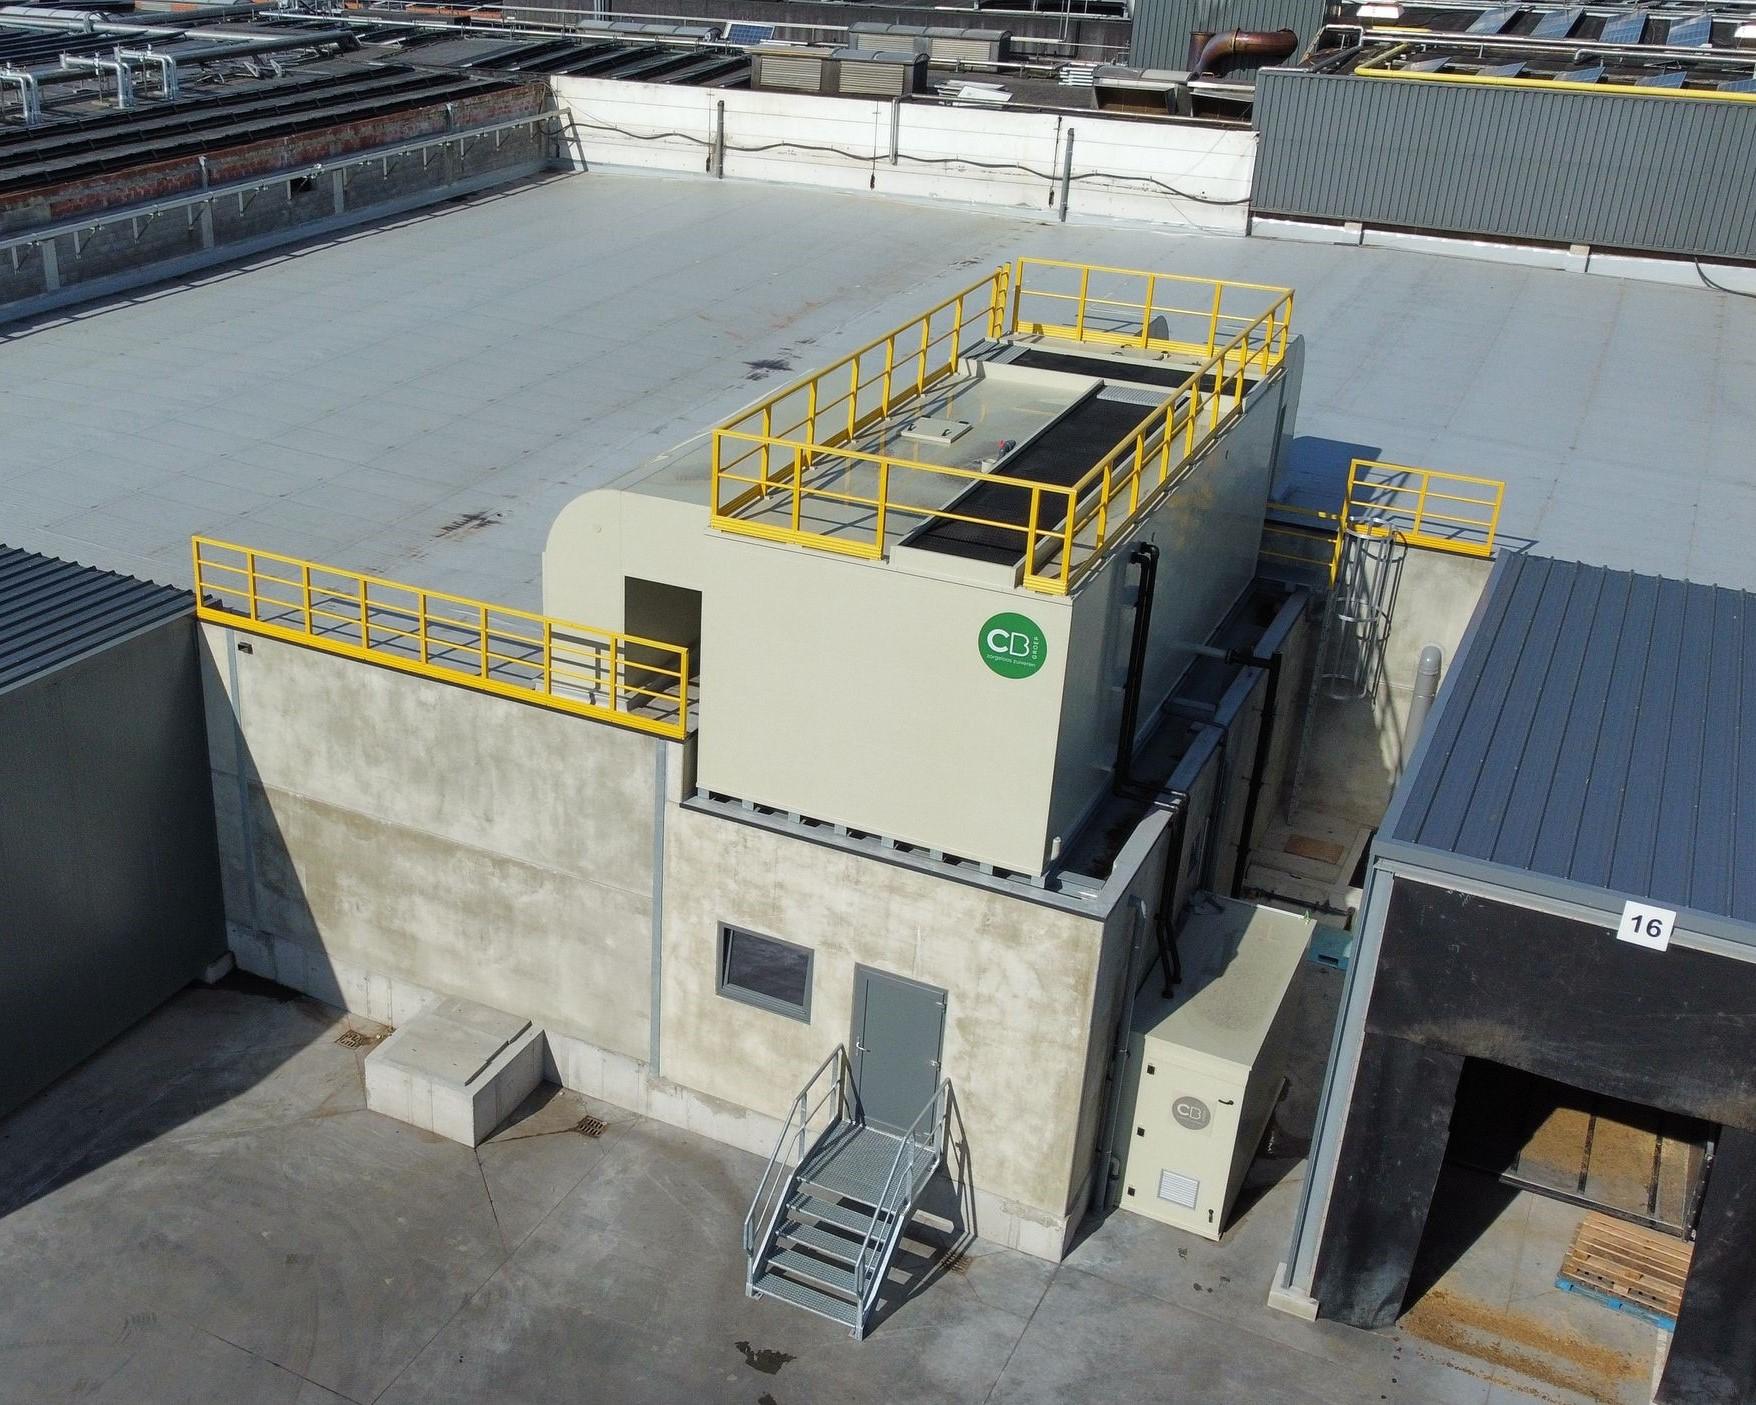 Uitbreiding wachtloods slachthuis met biologisch luchtwassysteem